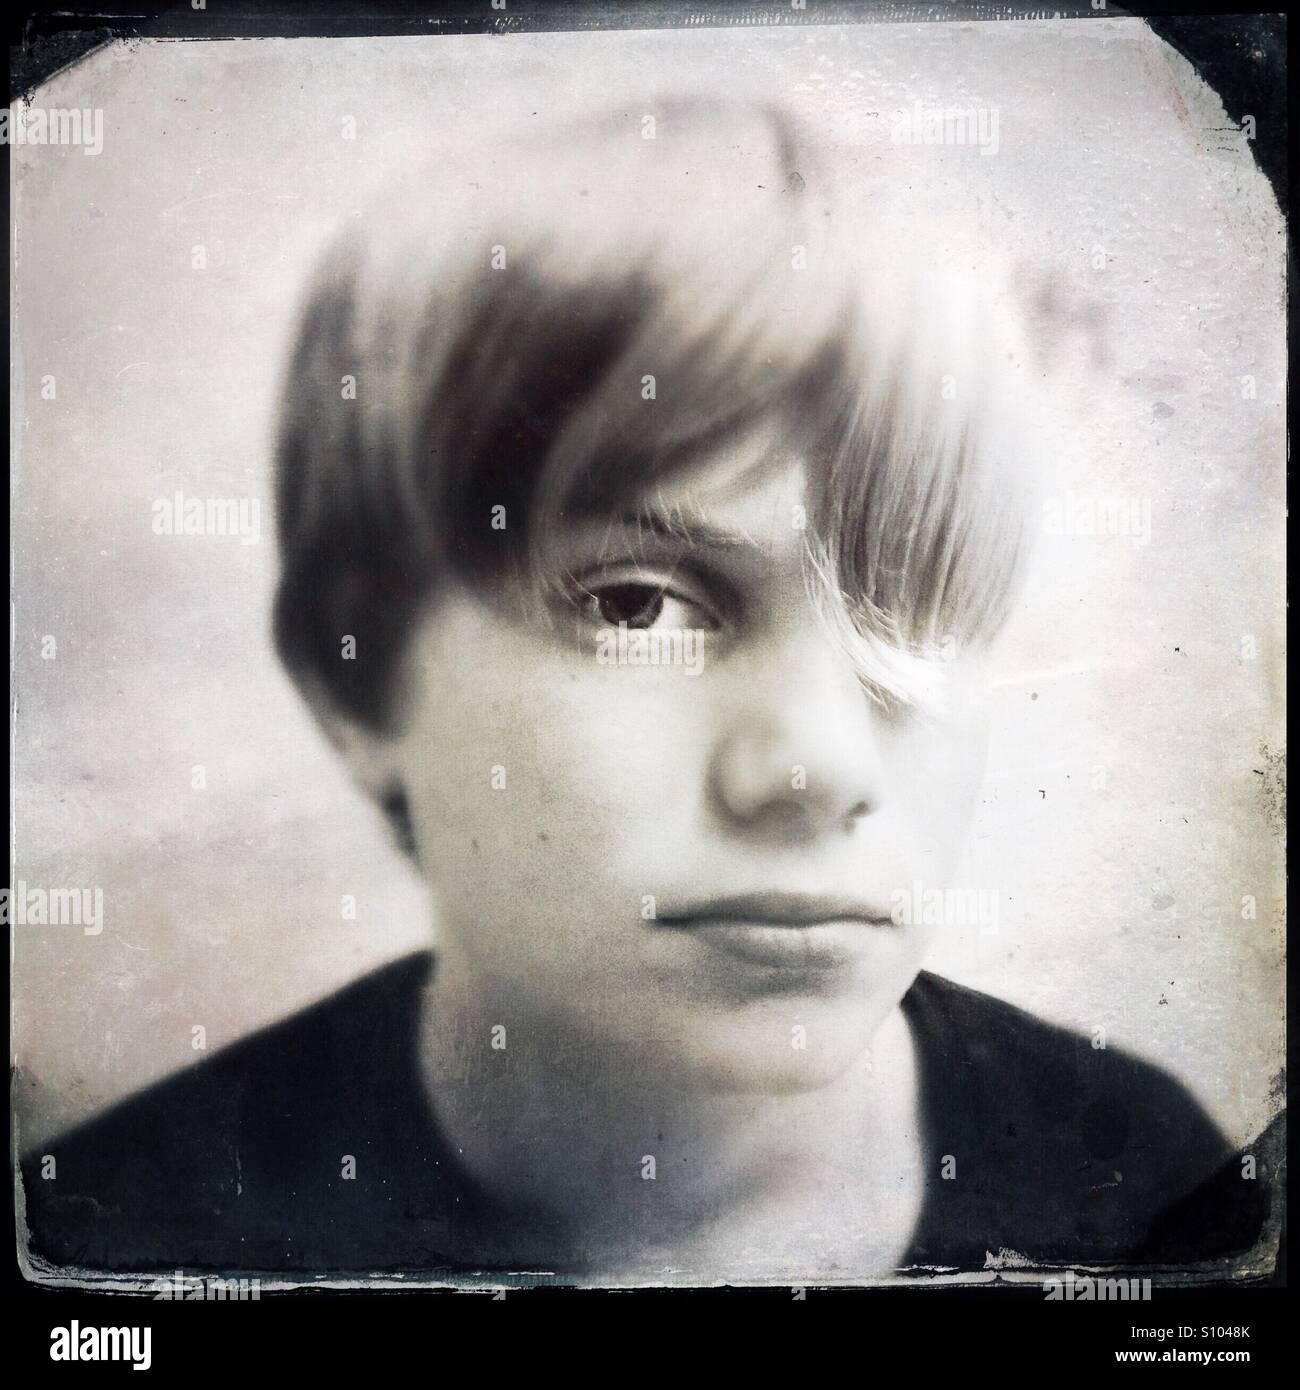 Adolescente con peinado de moda. Estilo de vida Imagen De Stock